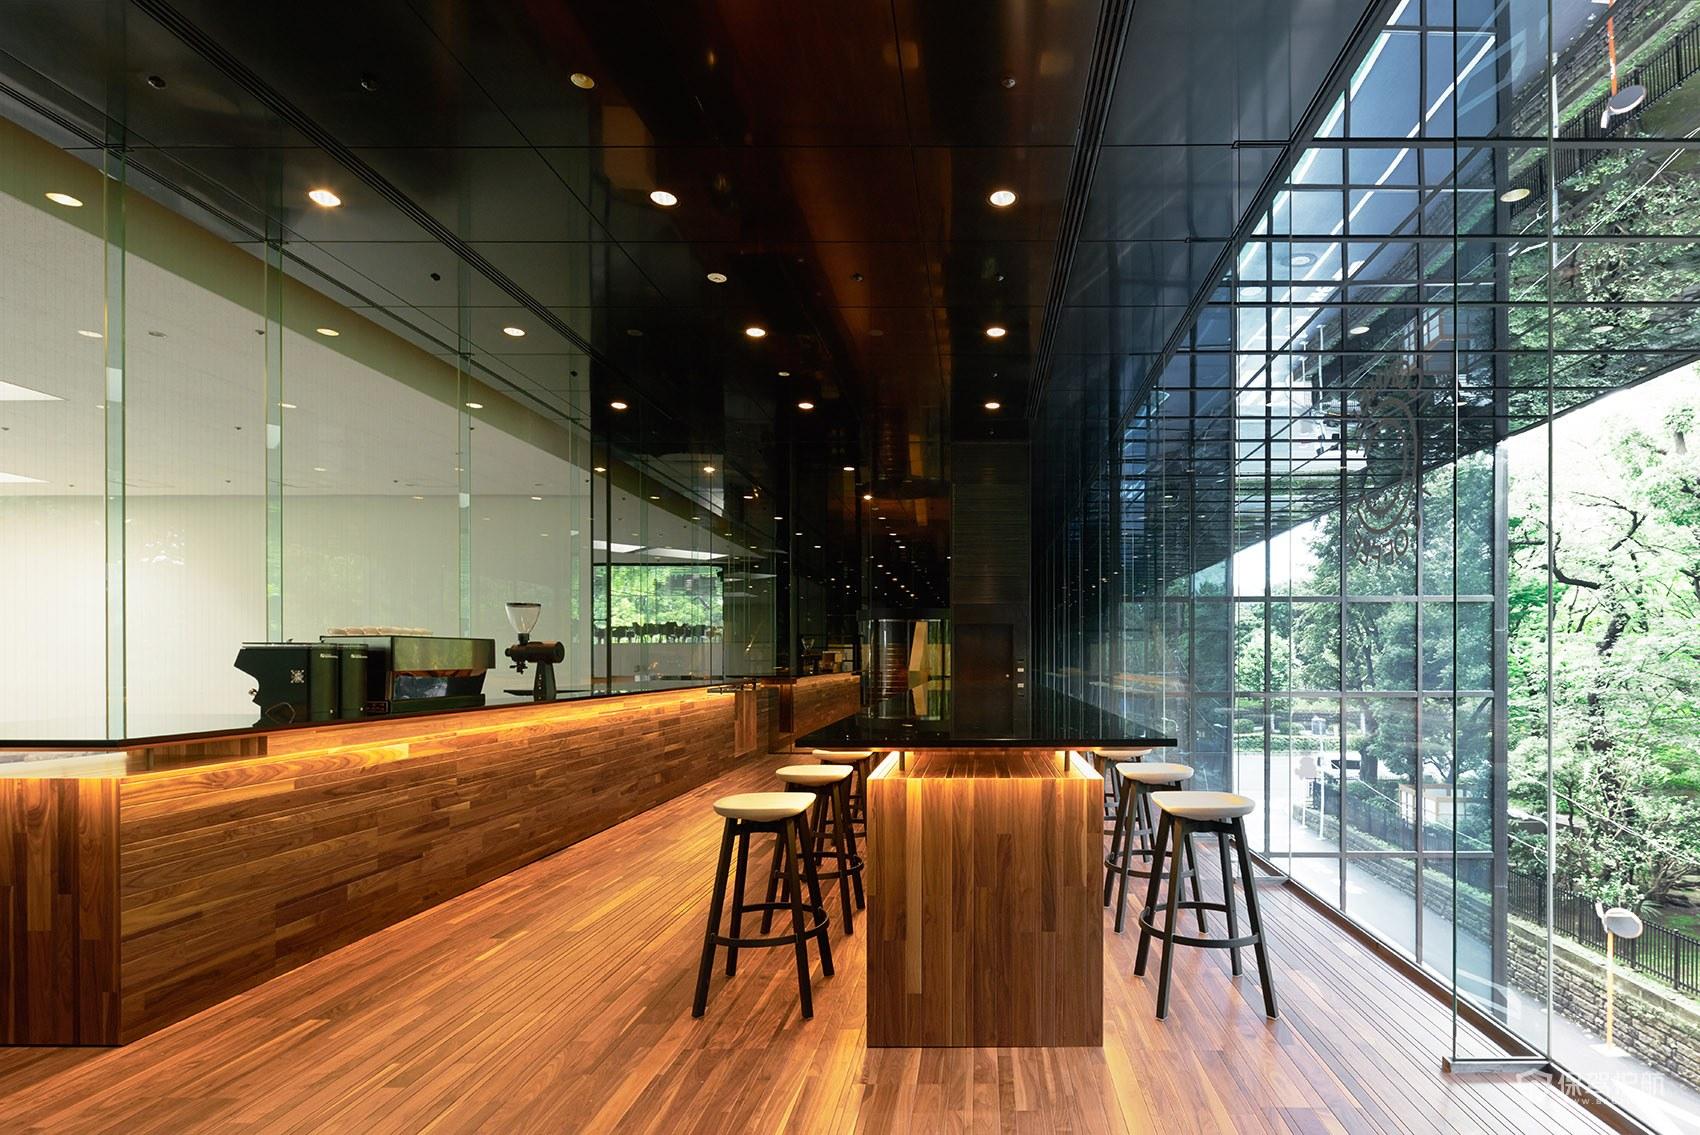 大气奢华咖啡馆操作台设计图